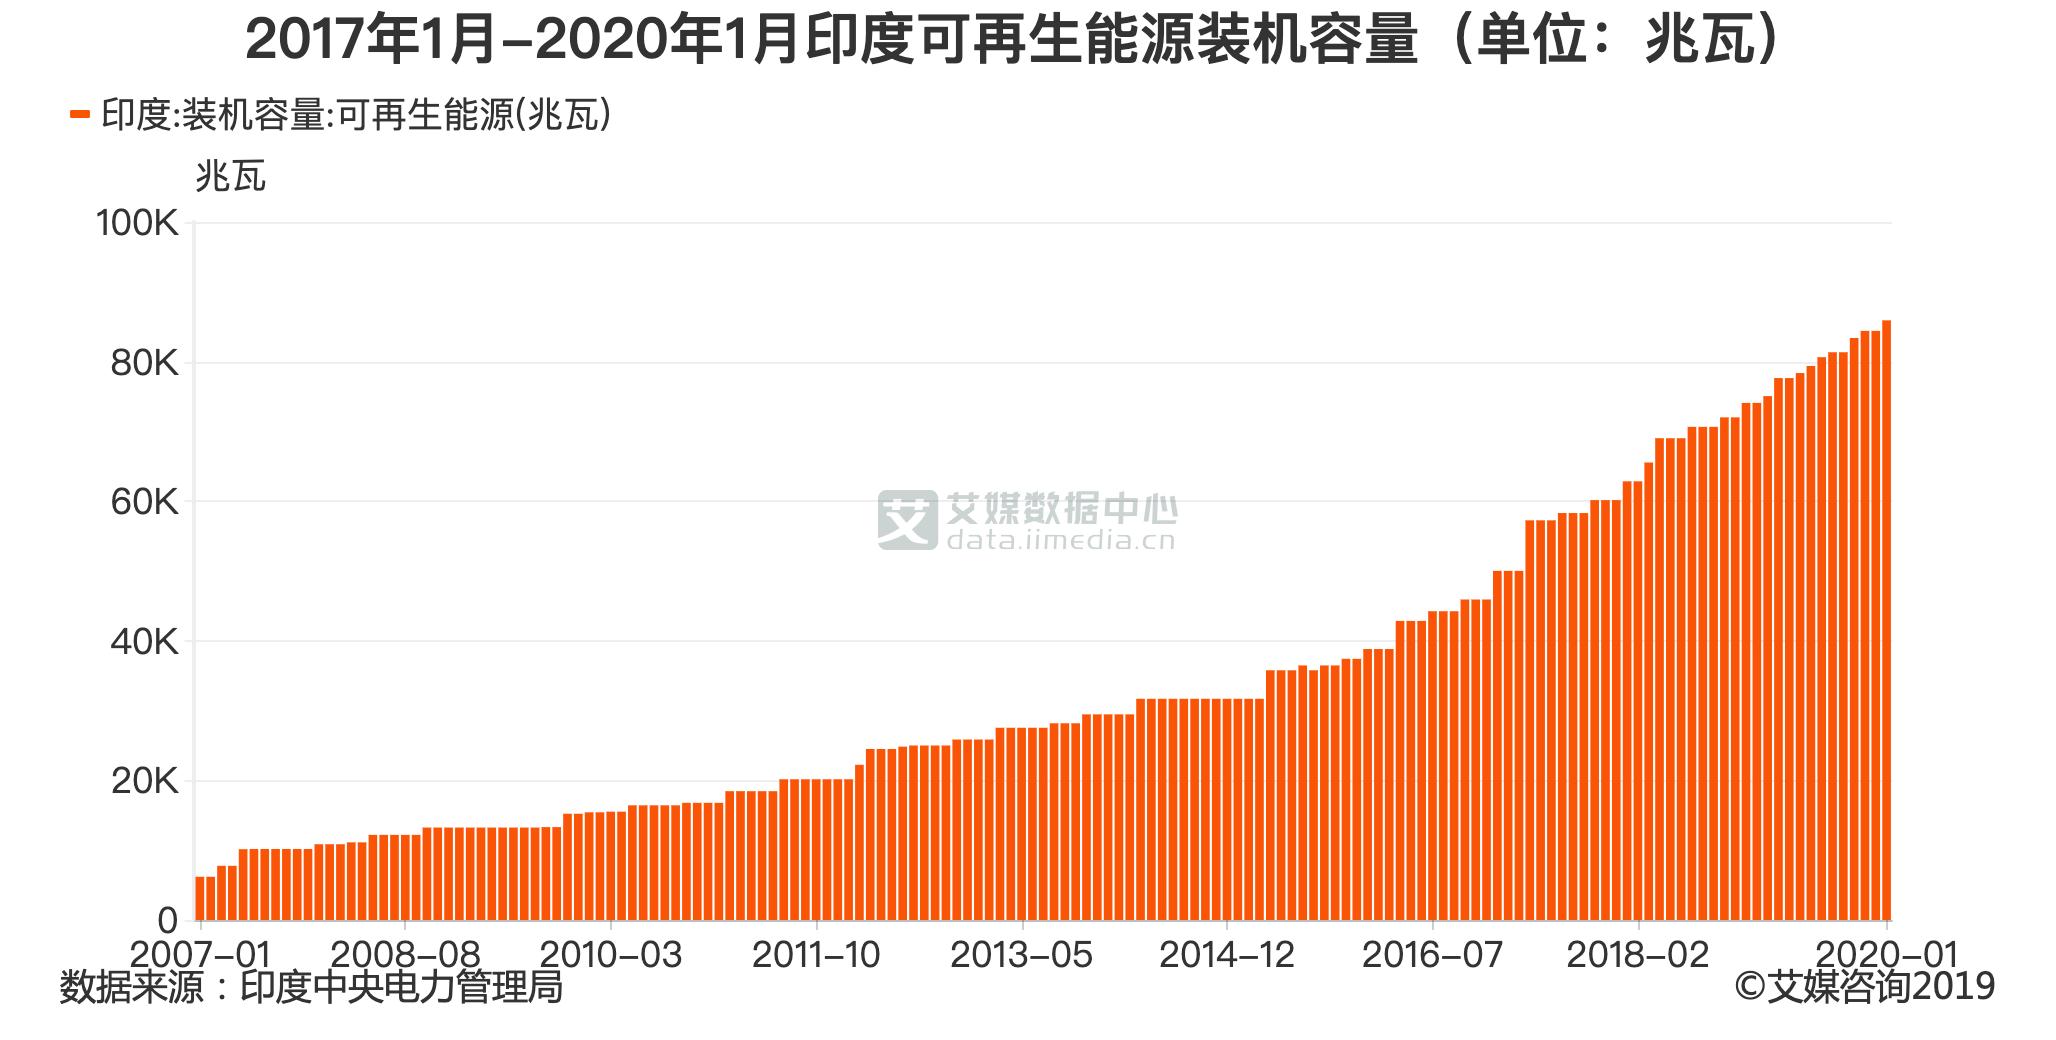 2007年1月-2020年1月印度可再生能源装机容量(单位:兆瓦)